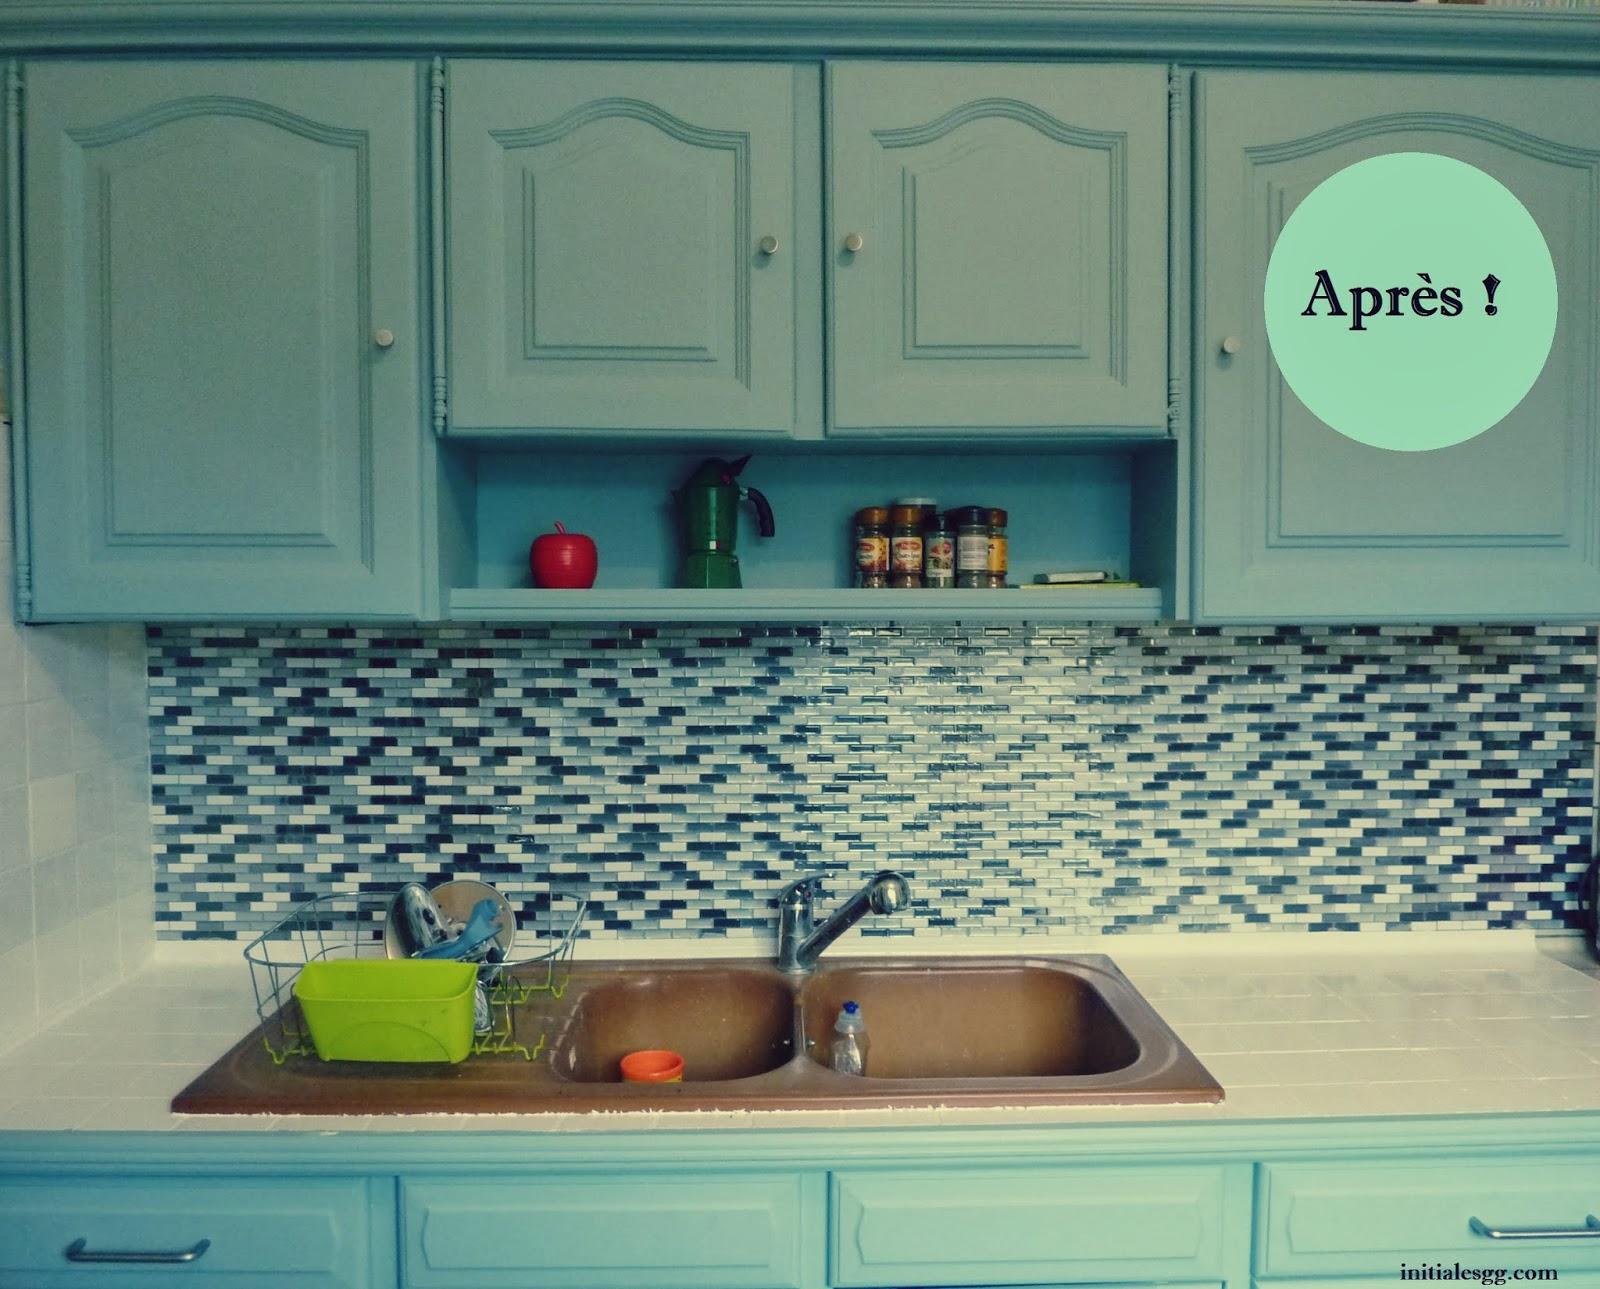 carrelage de cuisine pas cher. Black Bedroom Furniture Sets. Home Design Ideas